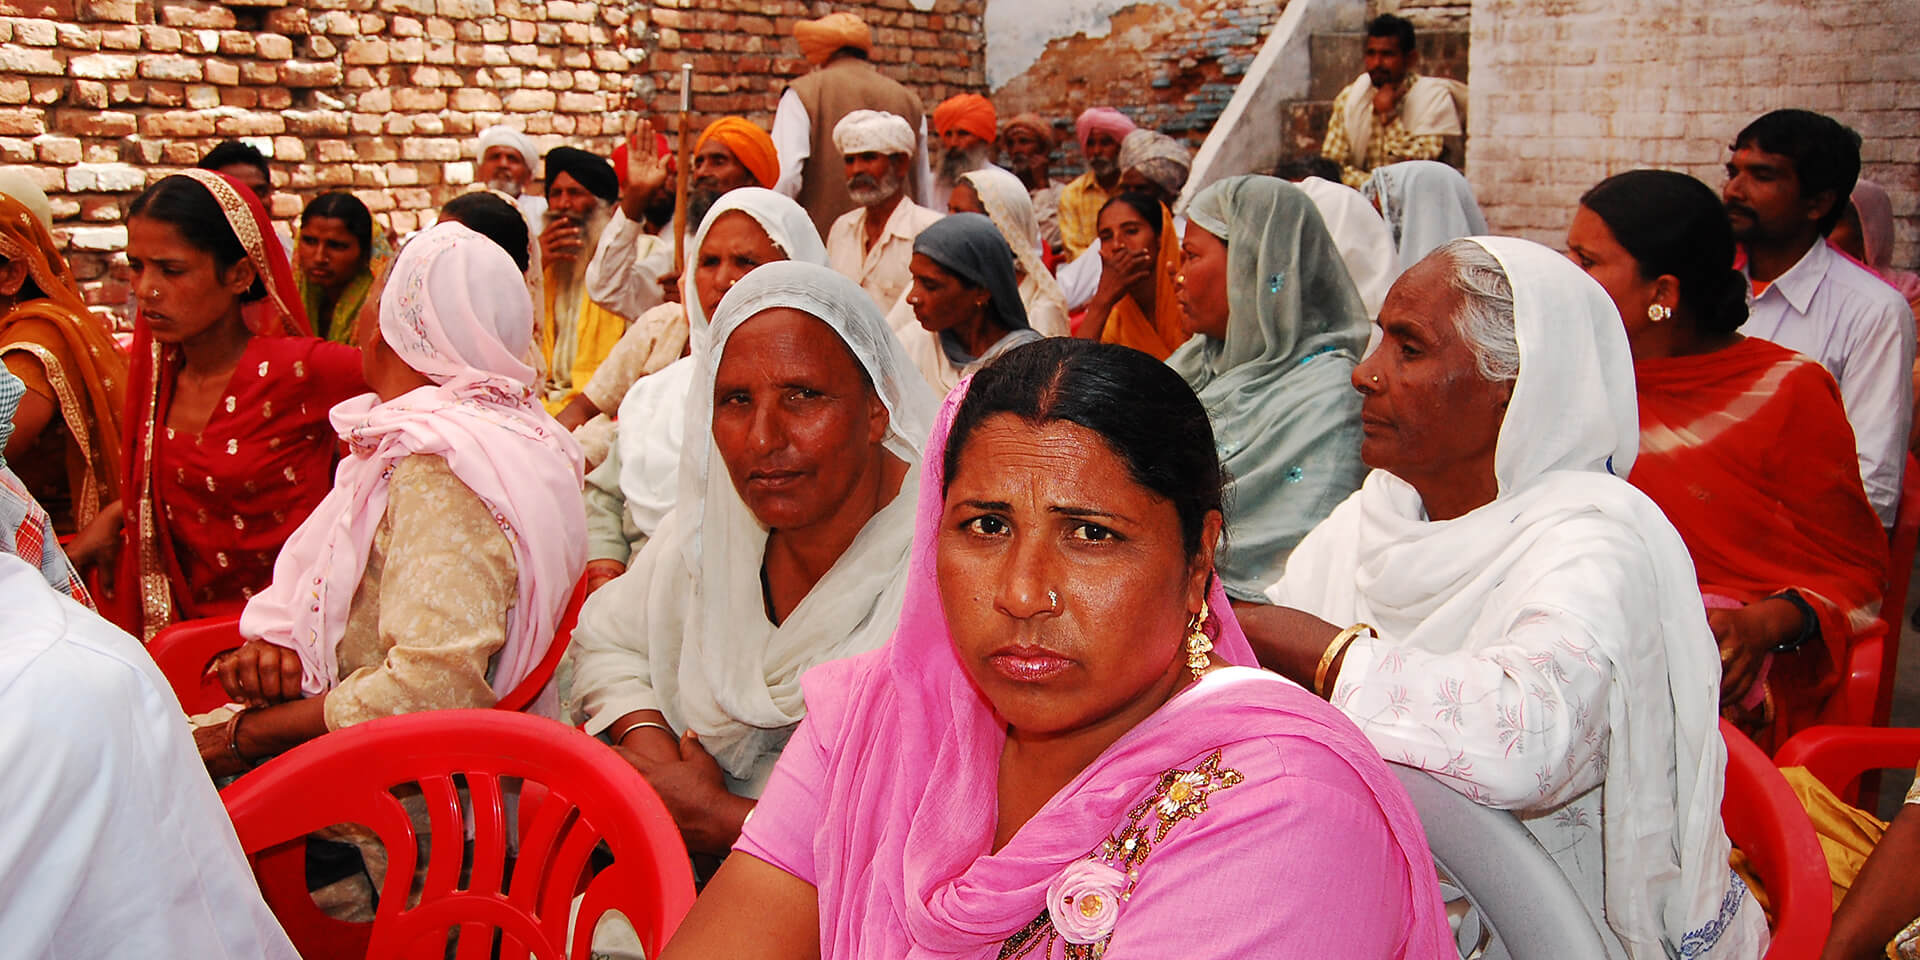 Dorfversammlung im Rahmen des Dalit-Empowerment-Programms der Diözese Amritsar, Kirche von Nordindien, © Johny Thonipara